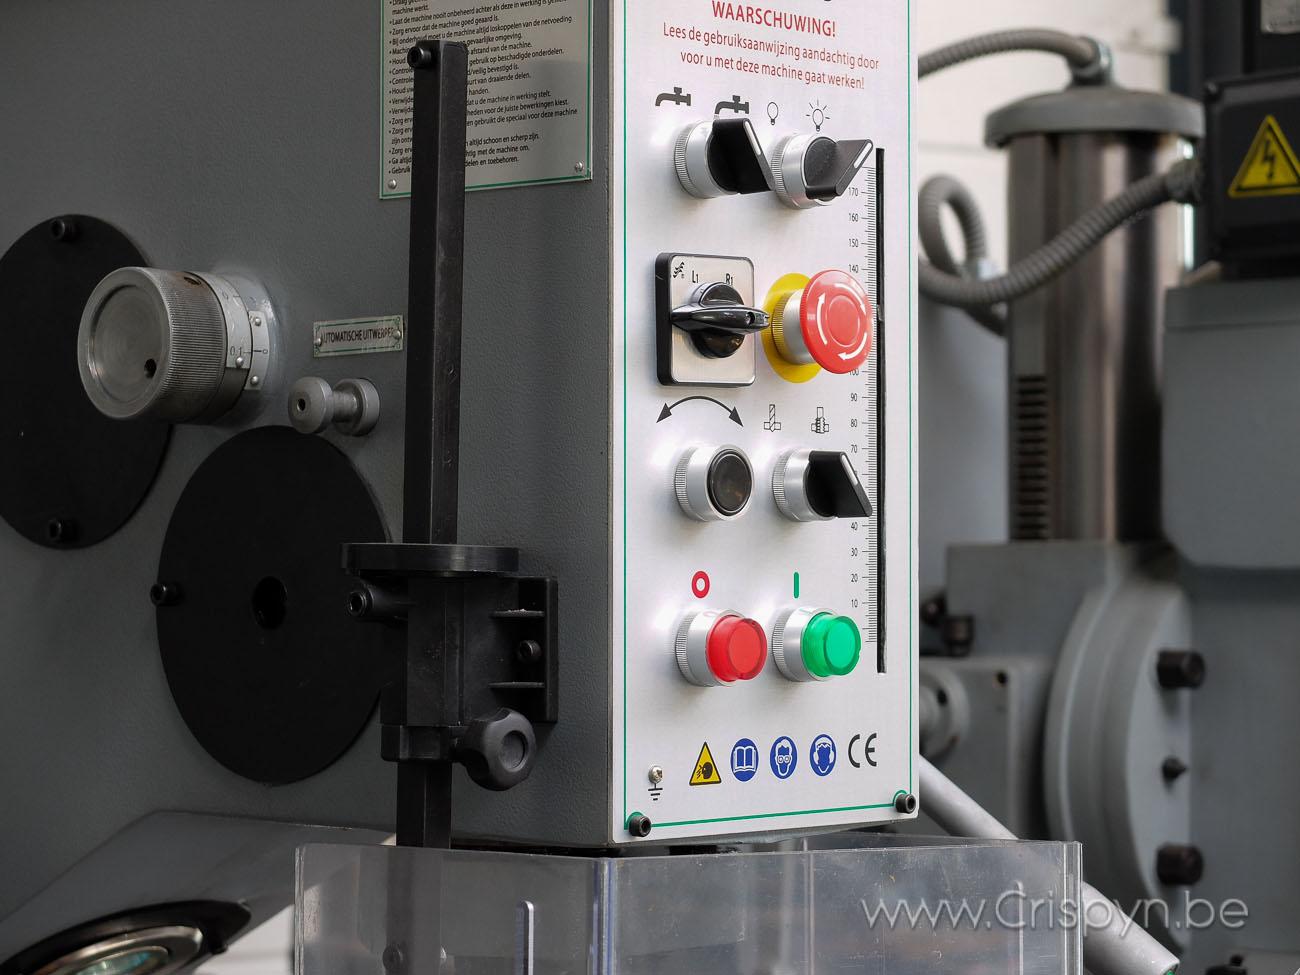 Tandwielboormachine,Boren tot 35mm, kolom model, 1,5kW, MK4, 3x400V